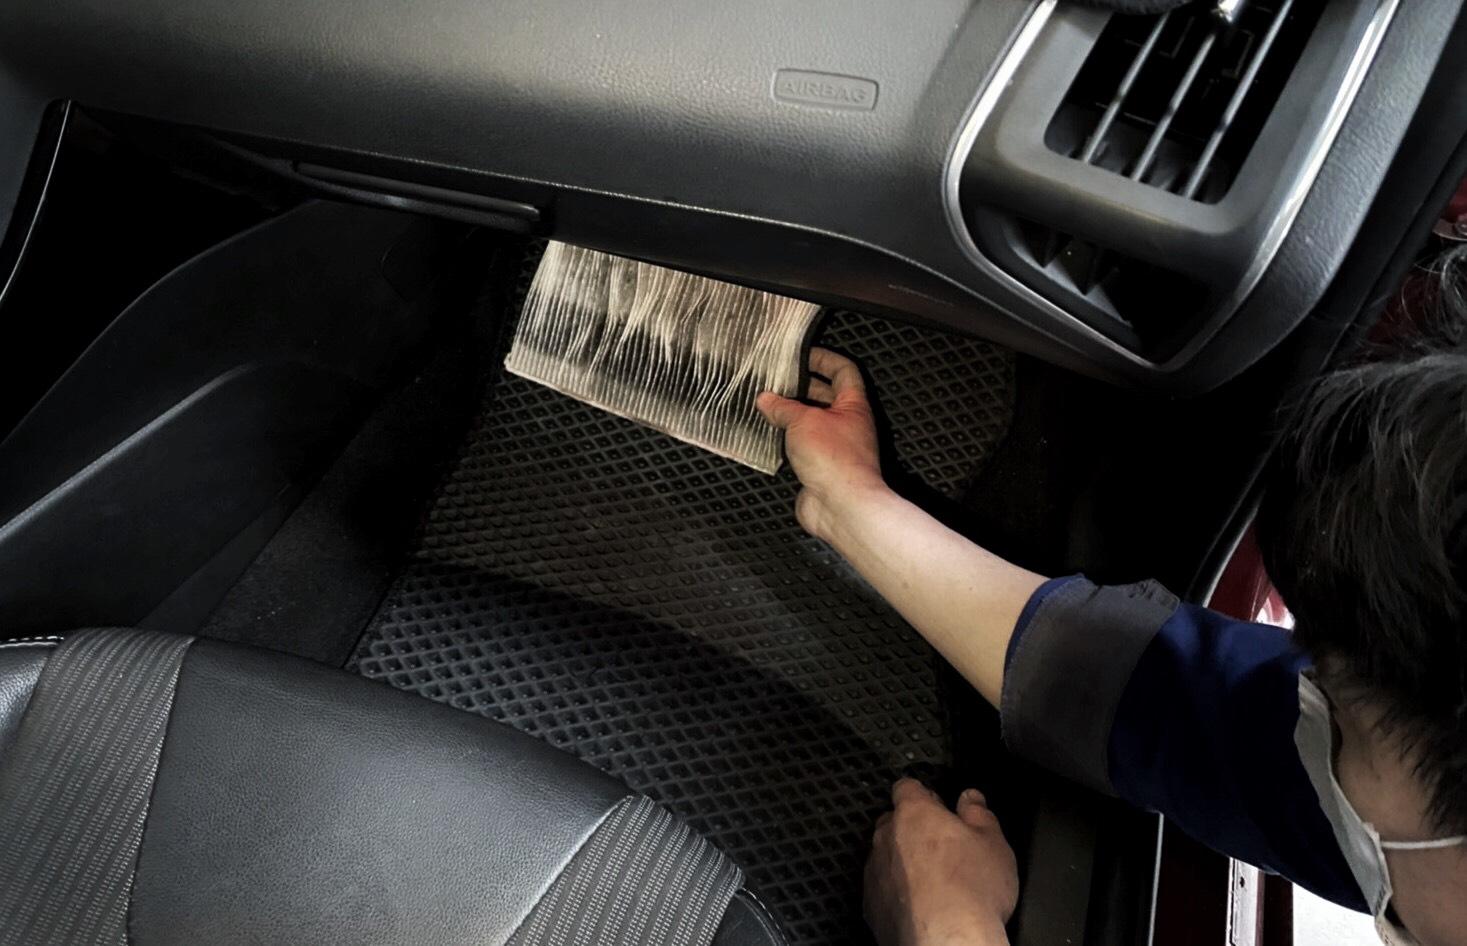 空調濾網在長期行駛後濾網吸附許多髒汙,須定時更換維持過濾效果。